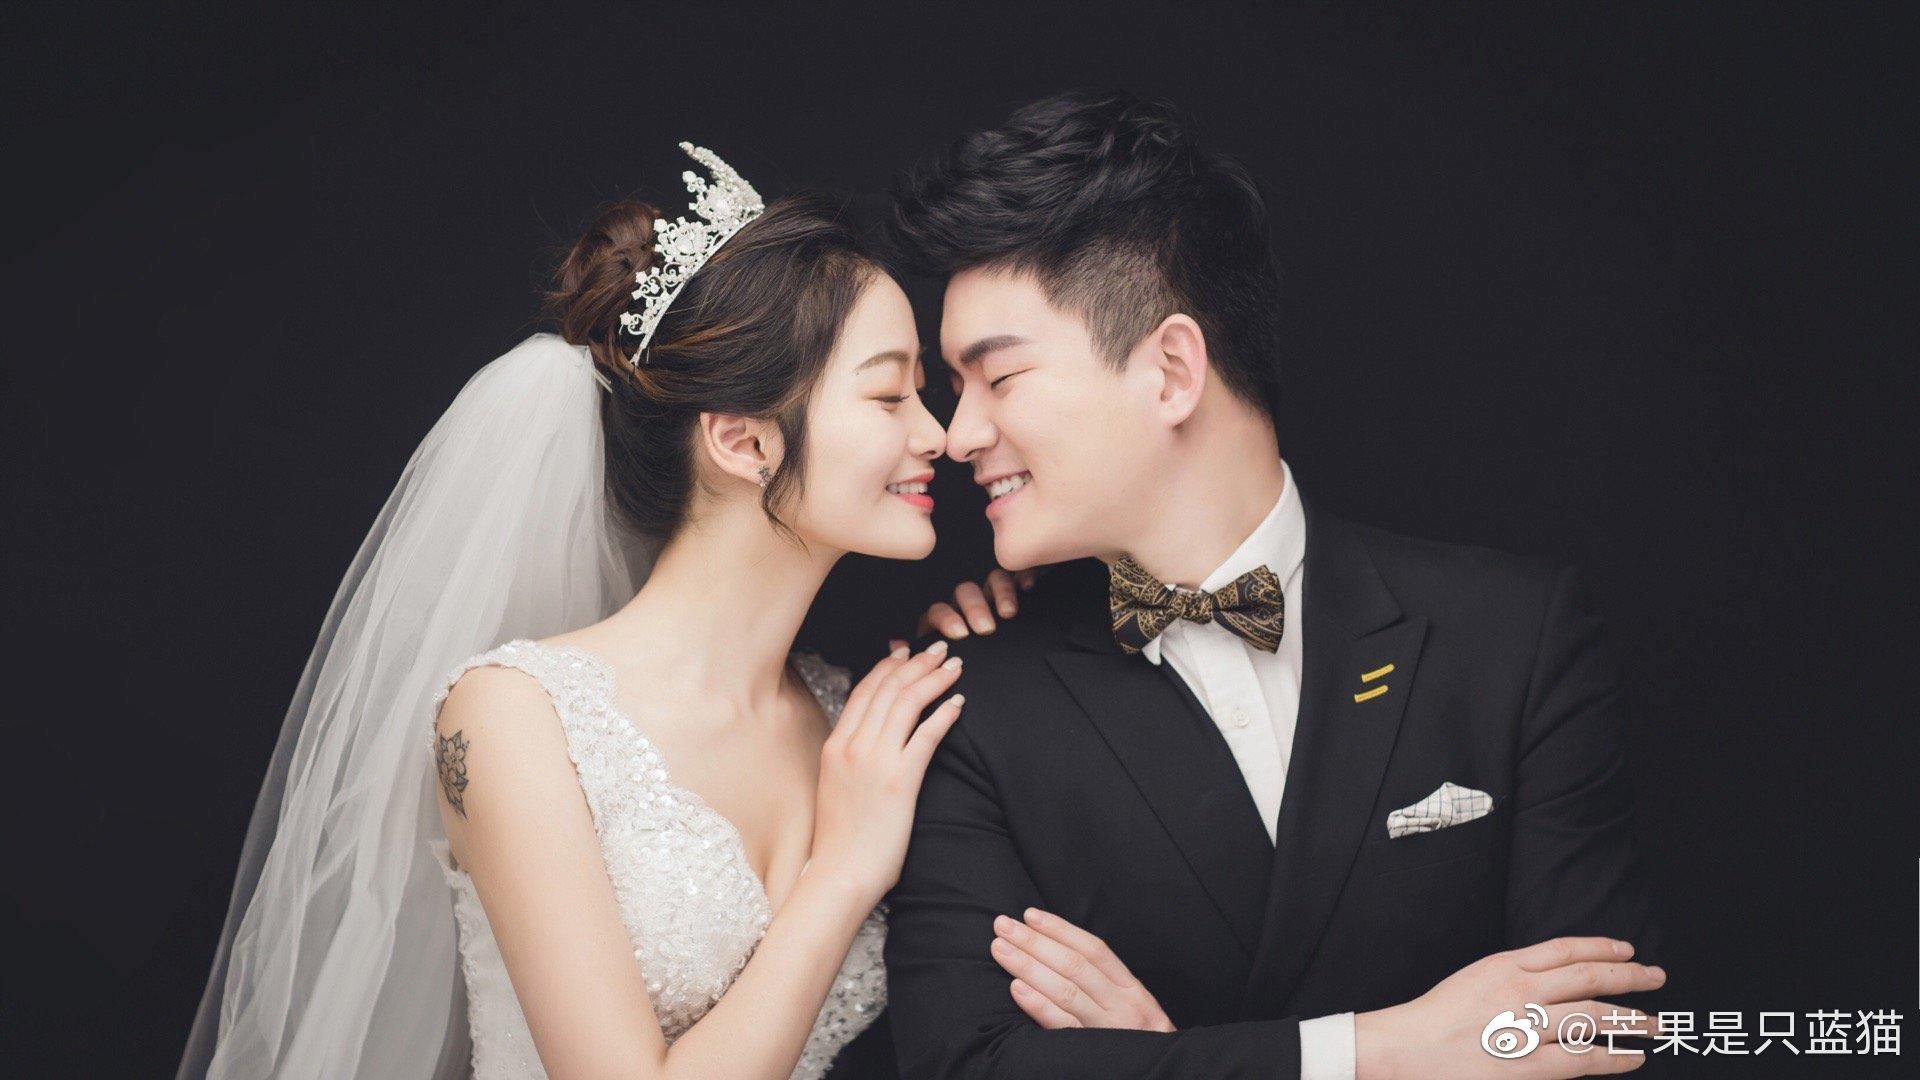 一月,在韩国艺匠拍婚纱照